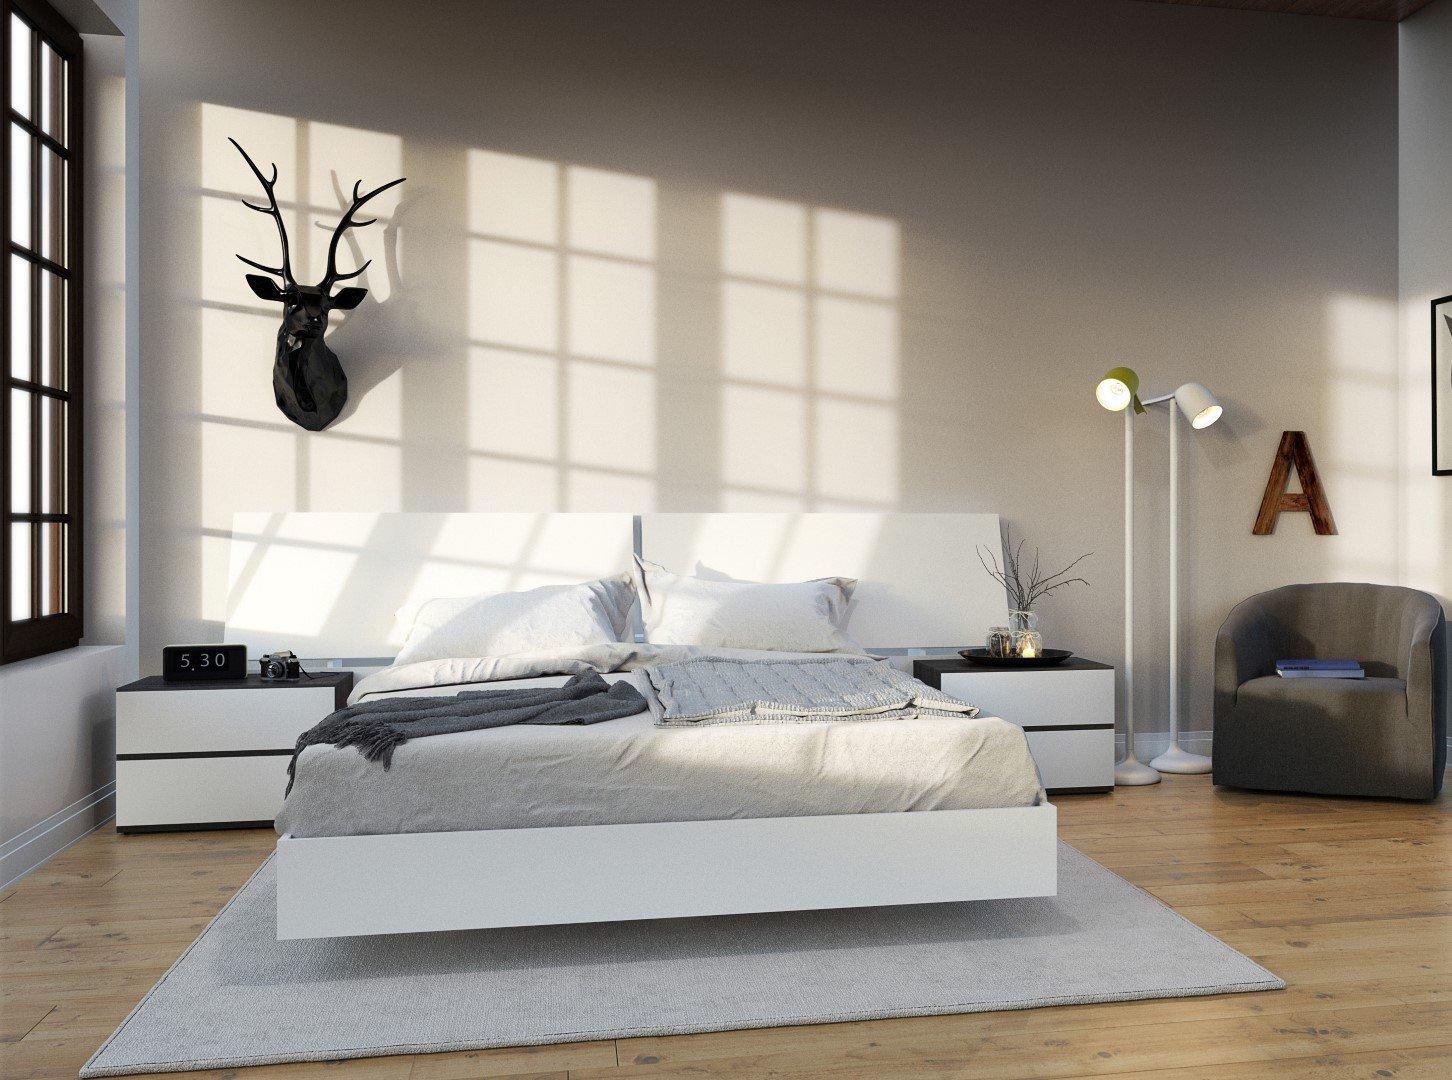 nexera furniture website. Nexera 346003 Acapella Queen Size Platform Bed, White: Amazon.ca: Home \u0026 Kitchen Furniture Website S